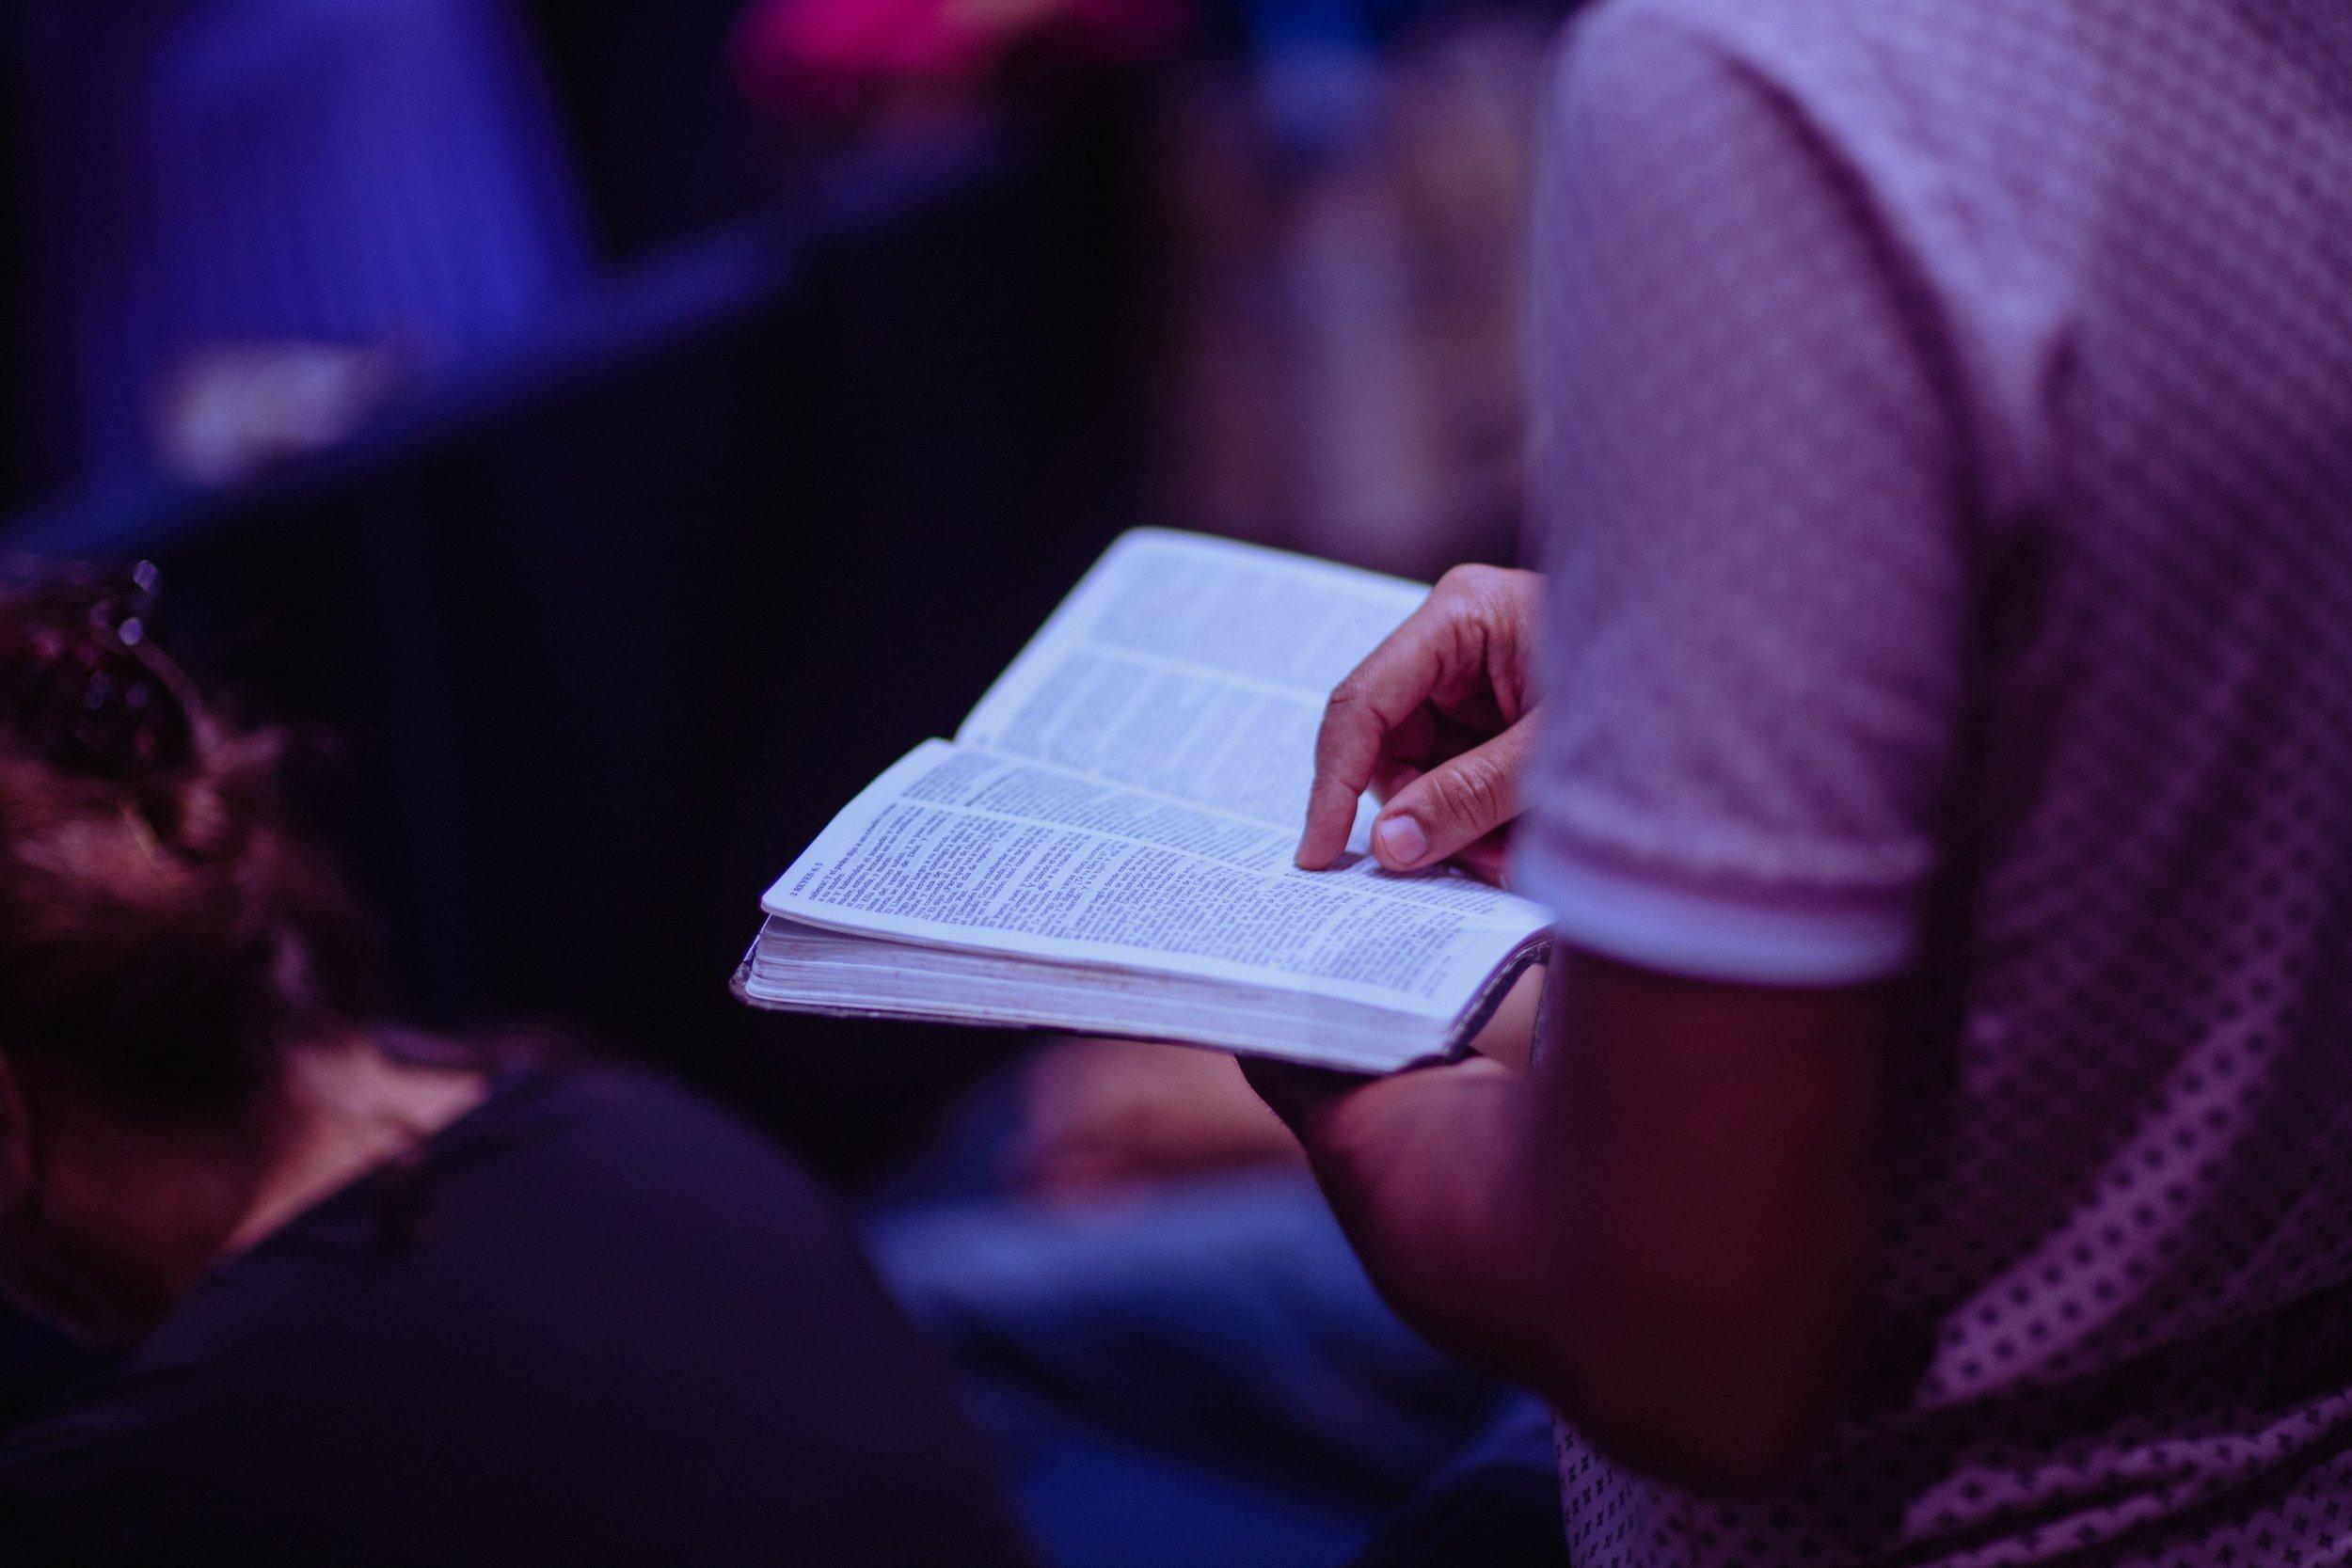 belief-bible-book-series-2351719.jpg